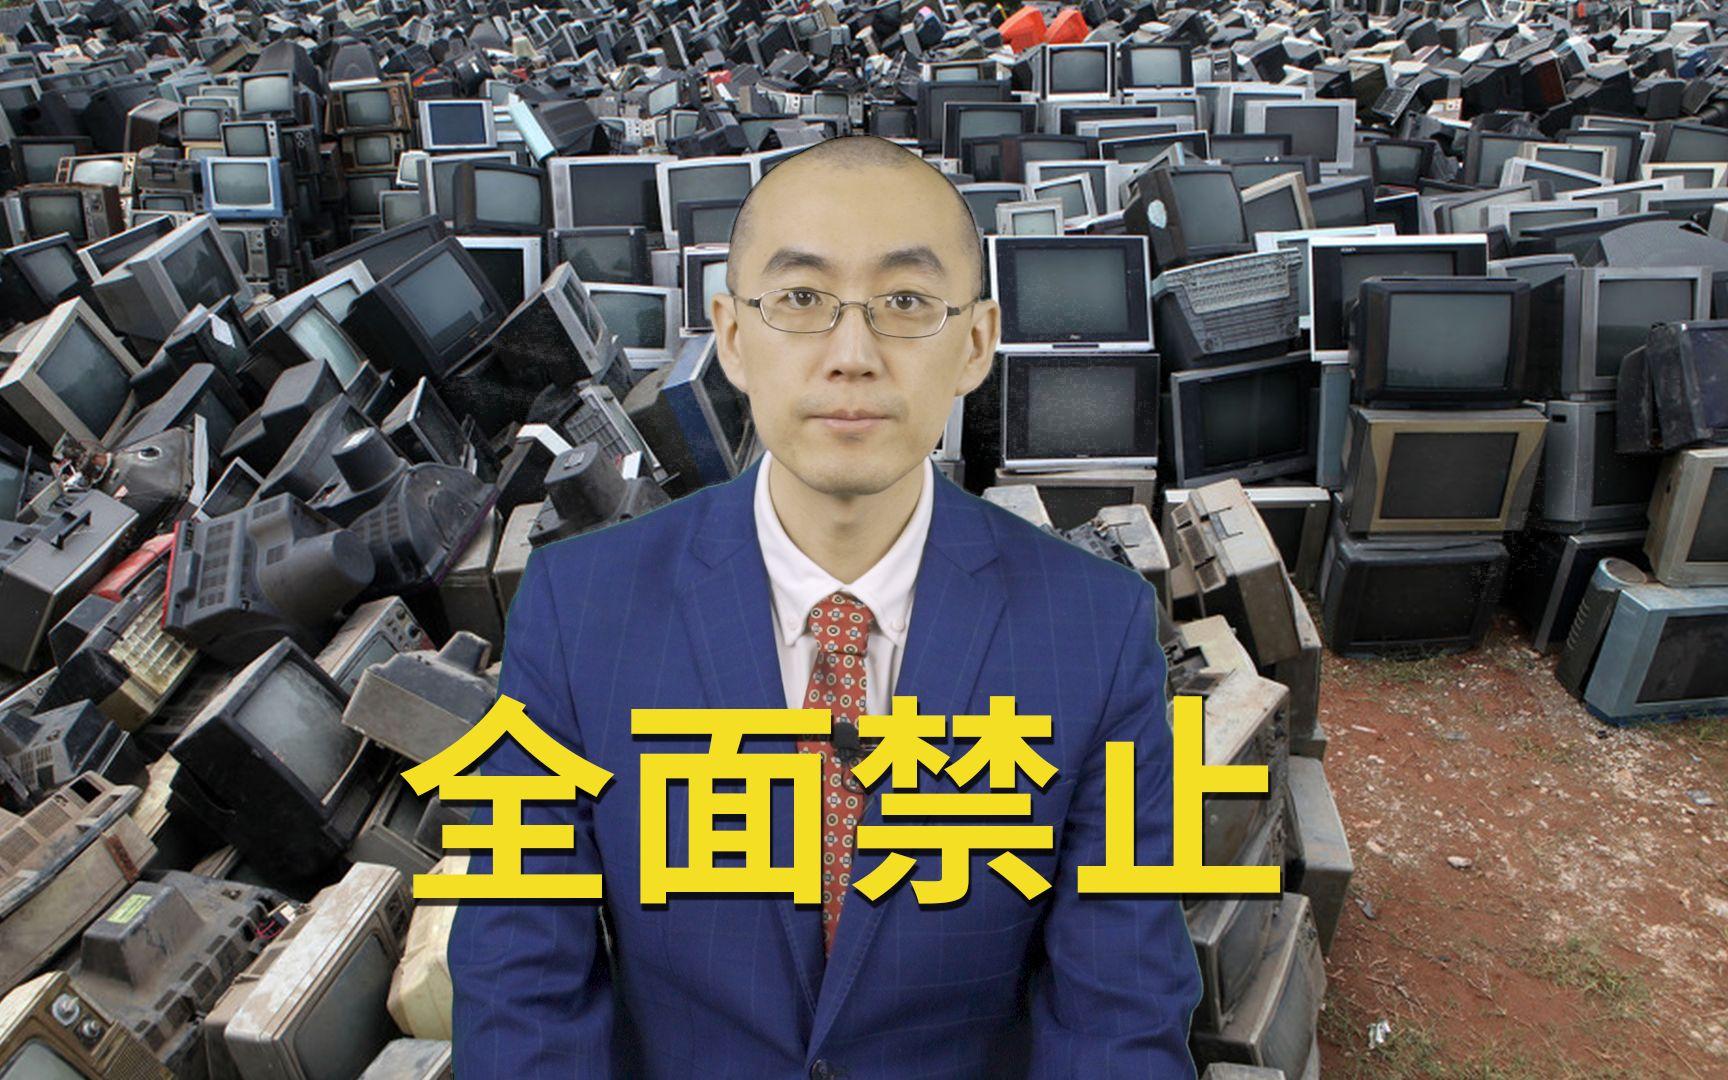 【懂点儿啥】洋垃圾进入中国几十年 西方国家该还债了